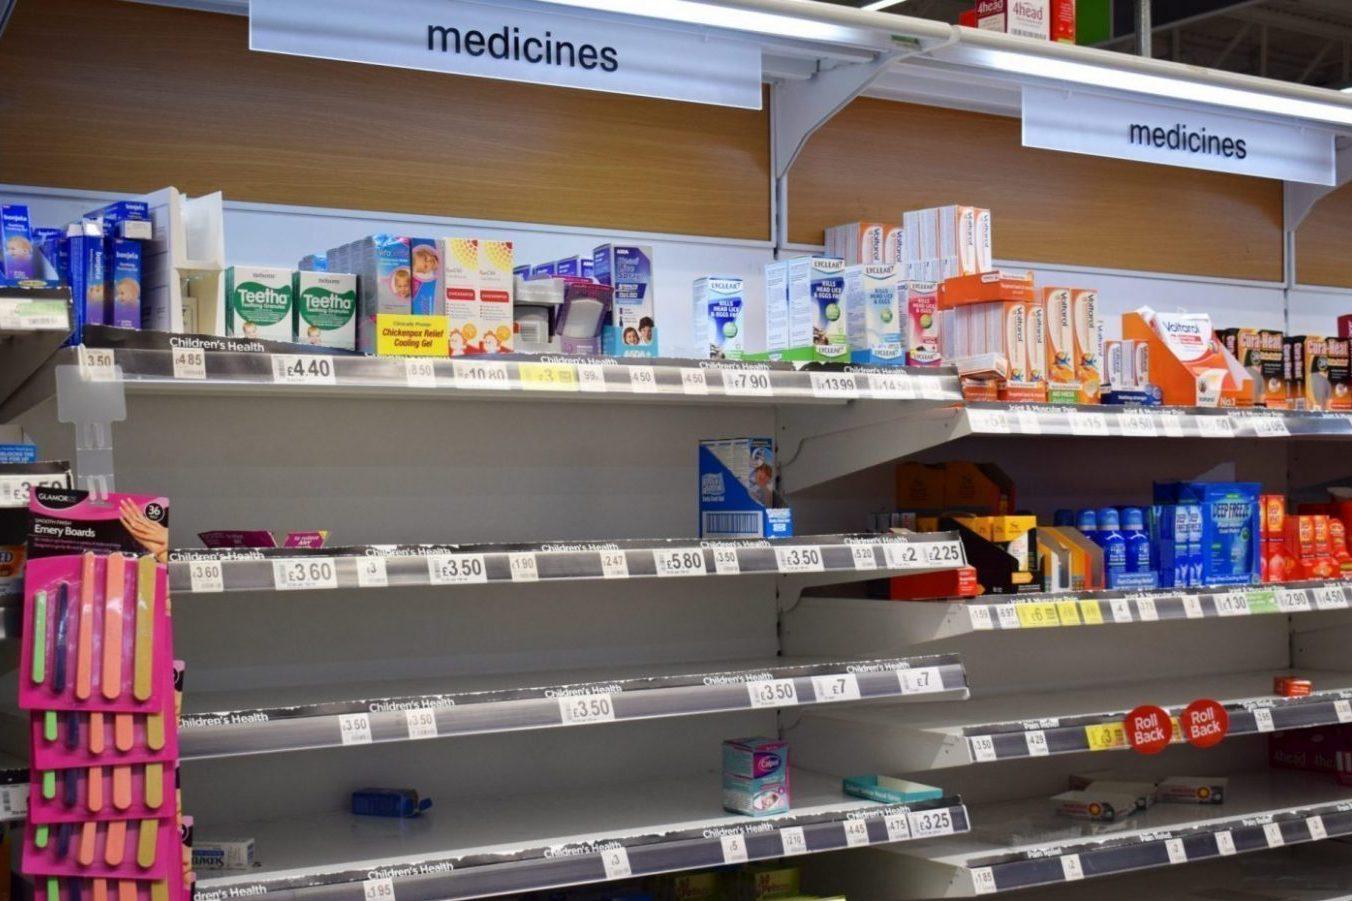 Beschikbaarheid van medicijnen voor zeldzame ziekten